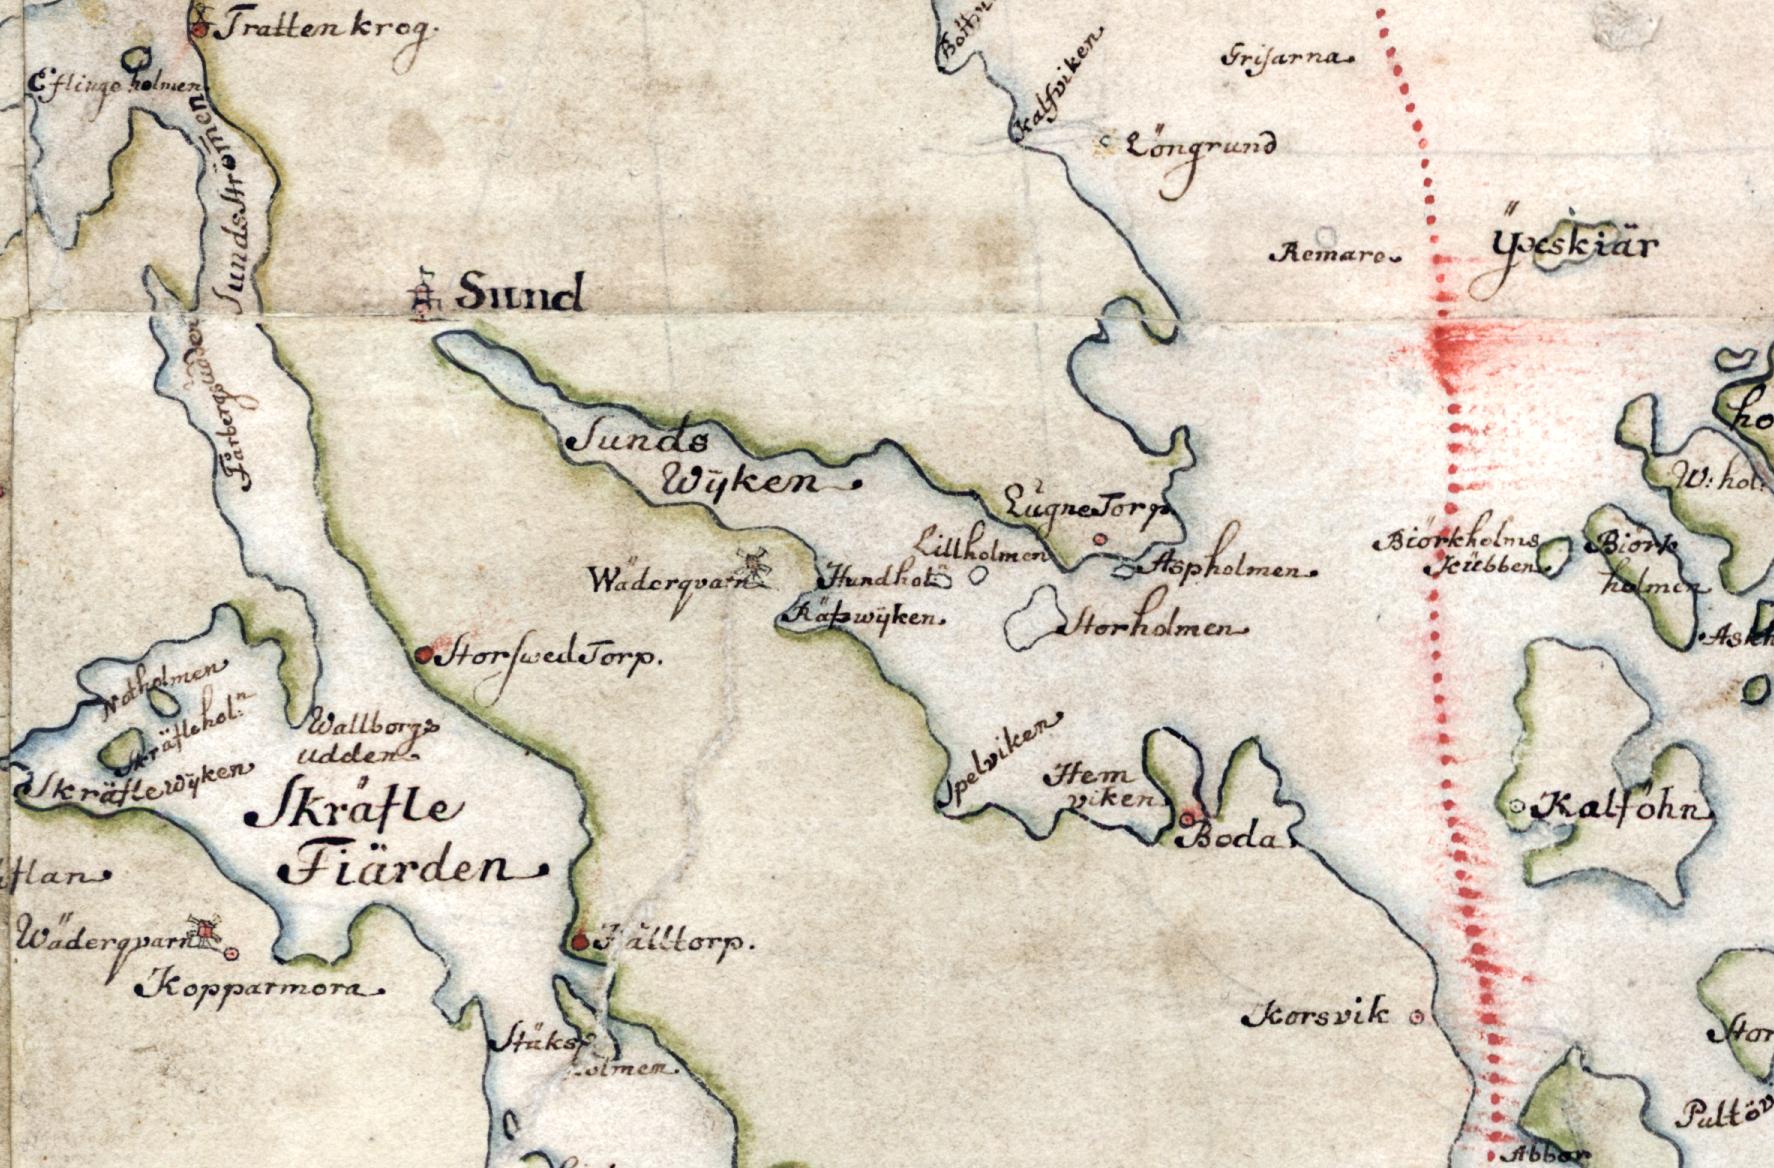 Norra Värmdölandet på Carl Gripenhielms skärgårdskarta från 1690-talet. Väderstrecken är förvridna.